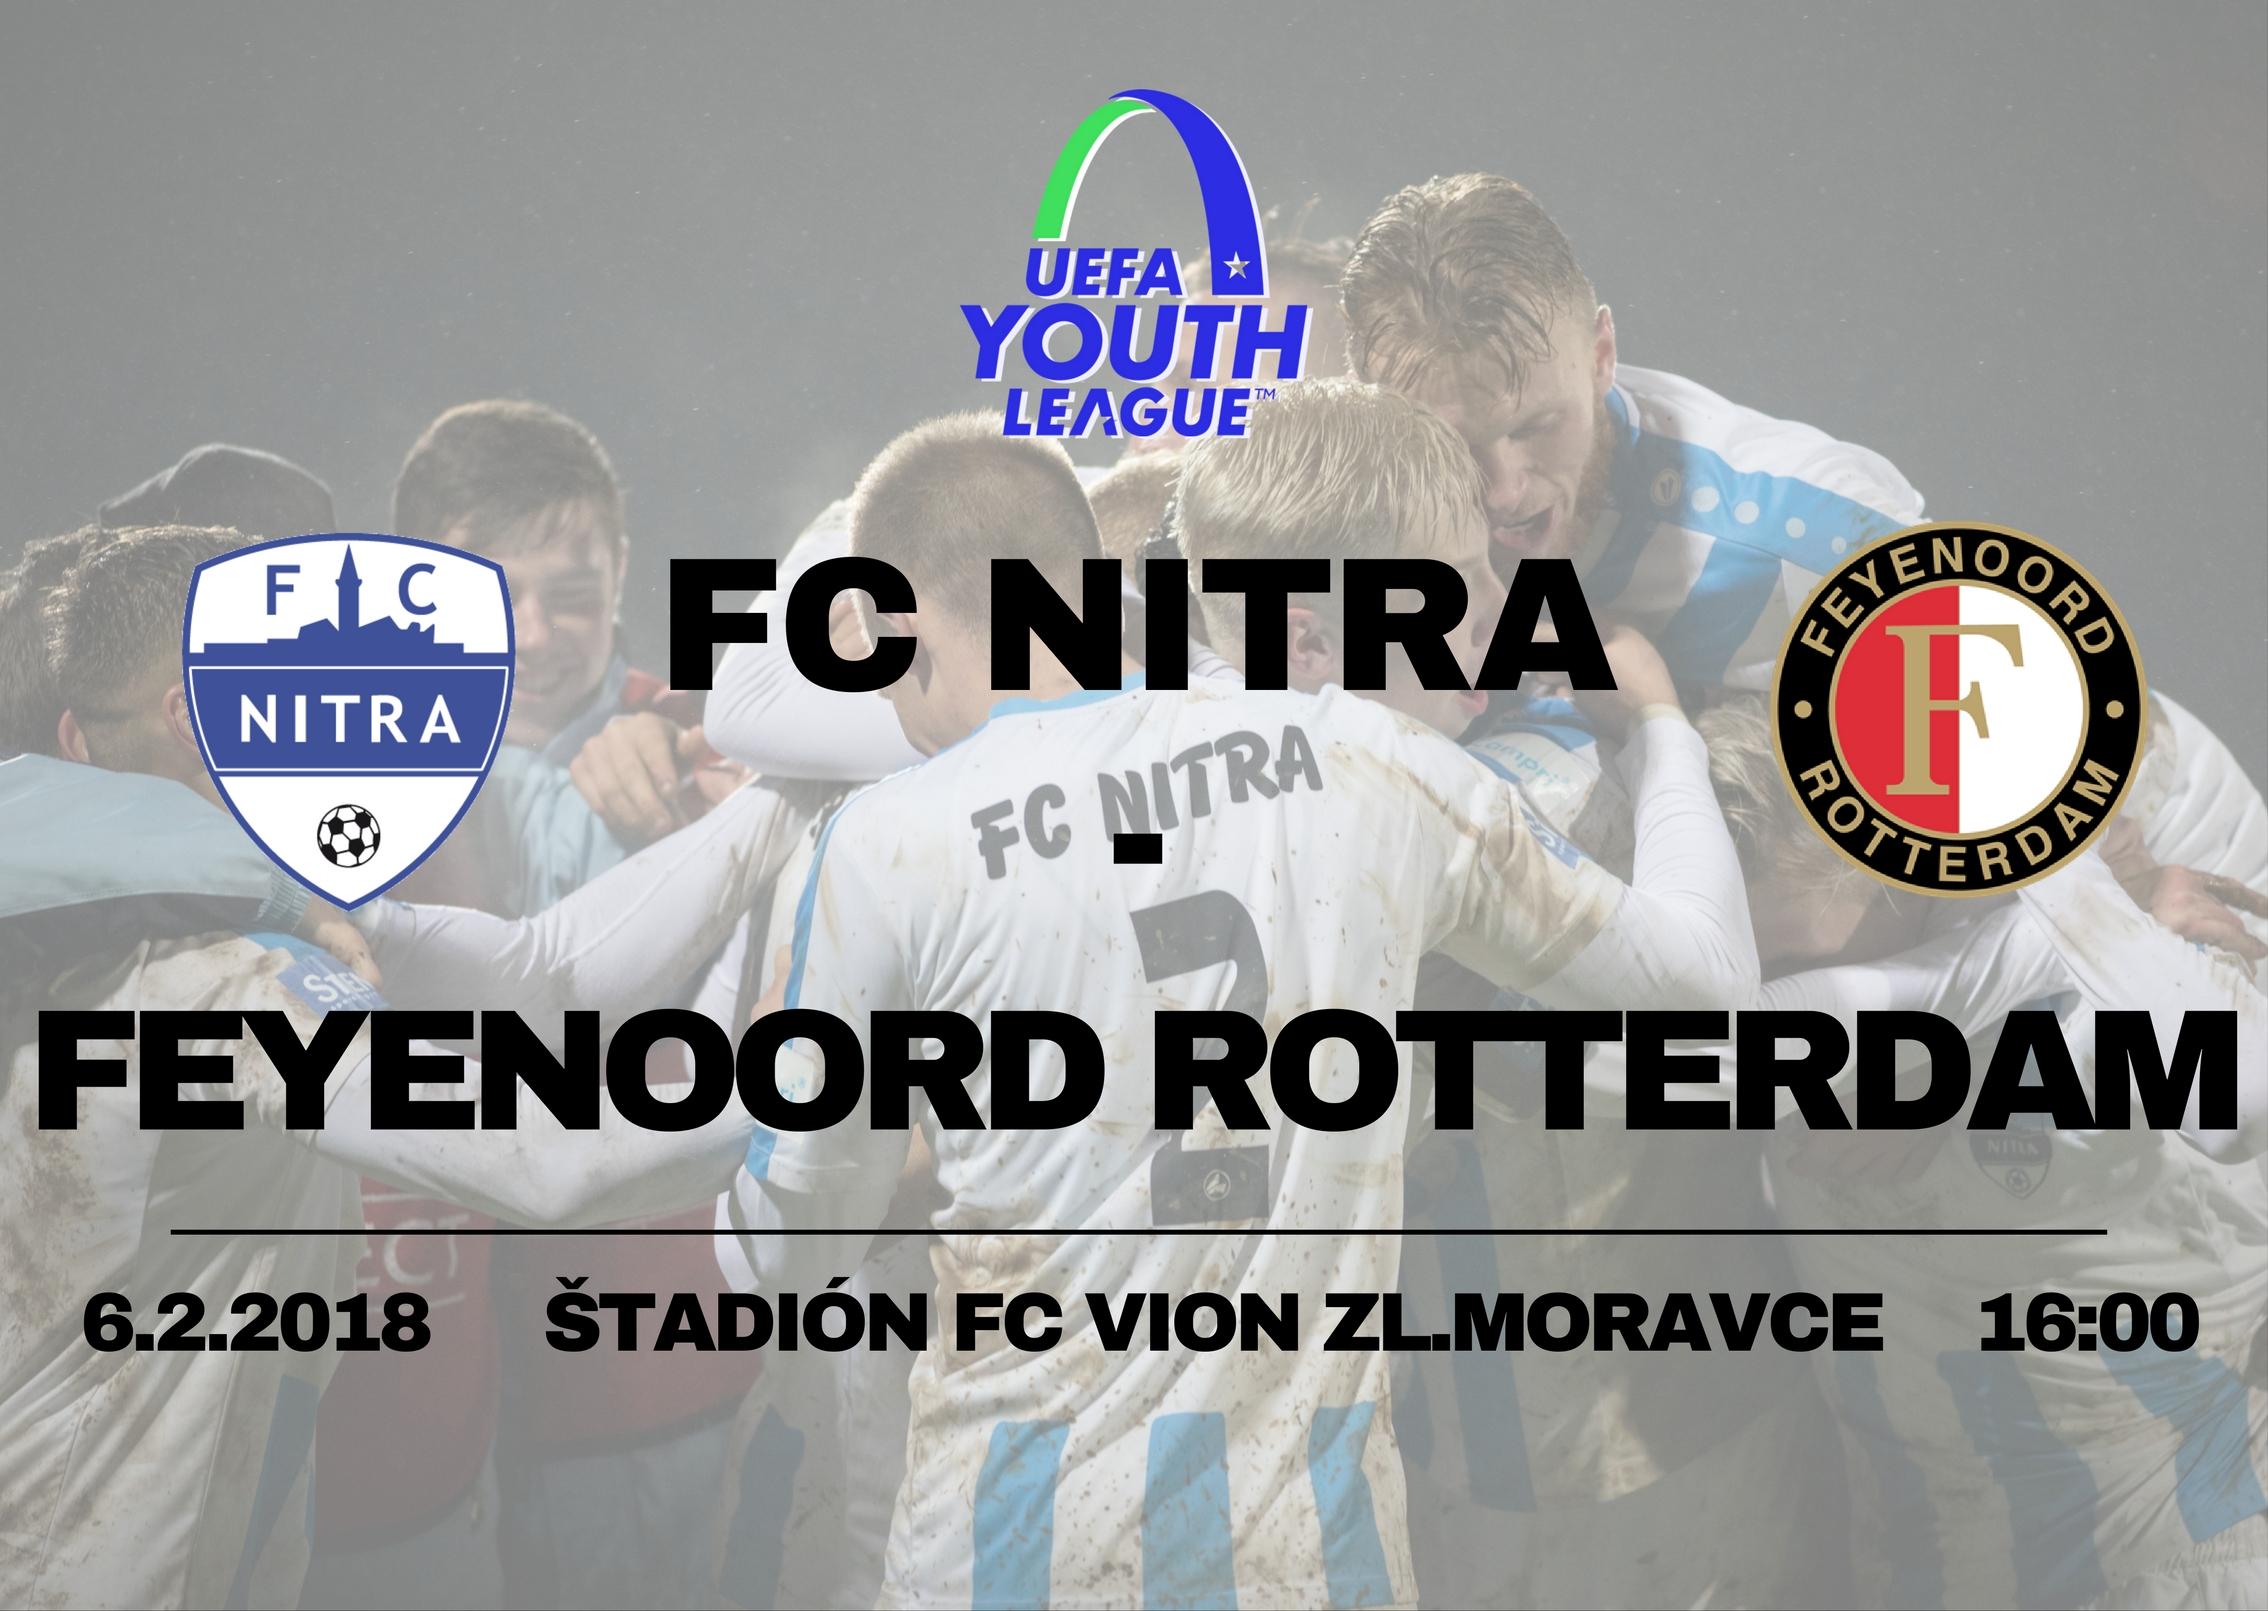 896b017cf09e8 Chlapci z FC Nitra Naši chlapci z FC Nitra - Kam v meste | moja Nitra